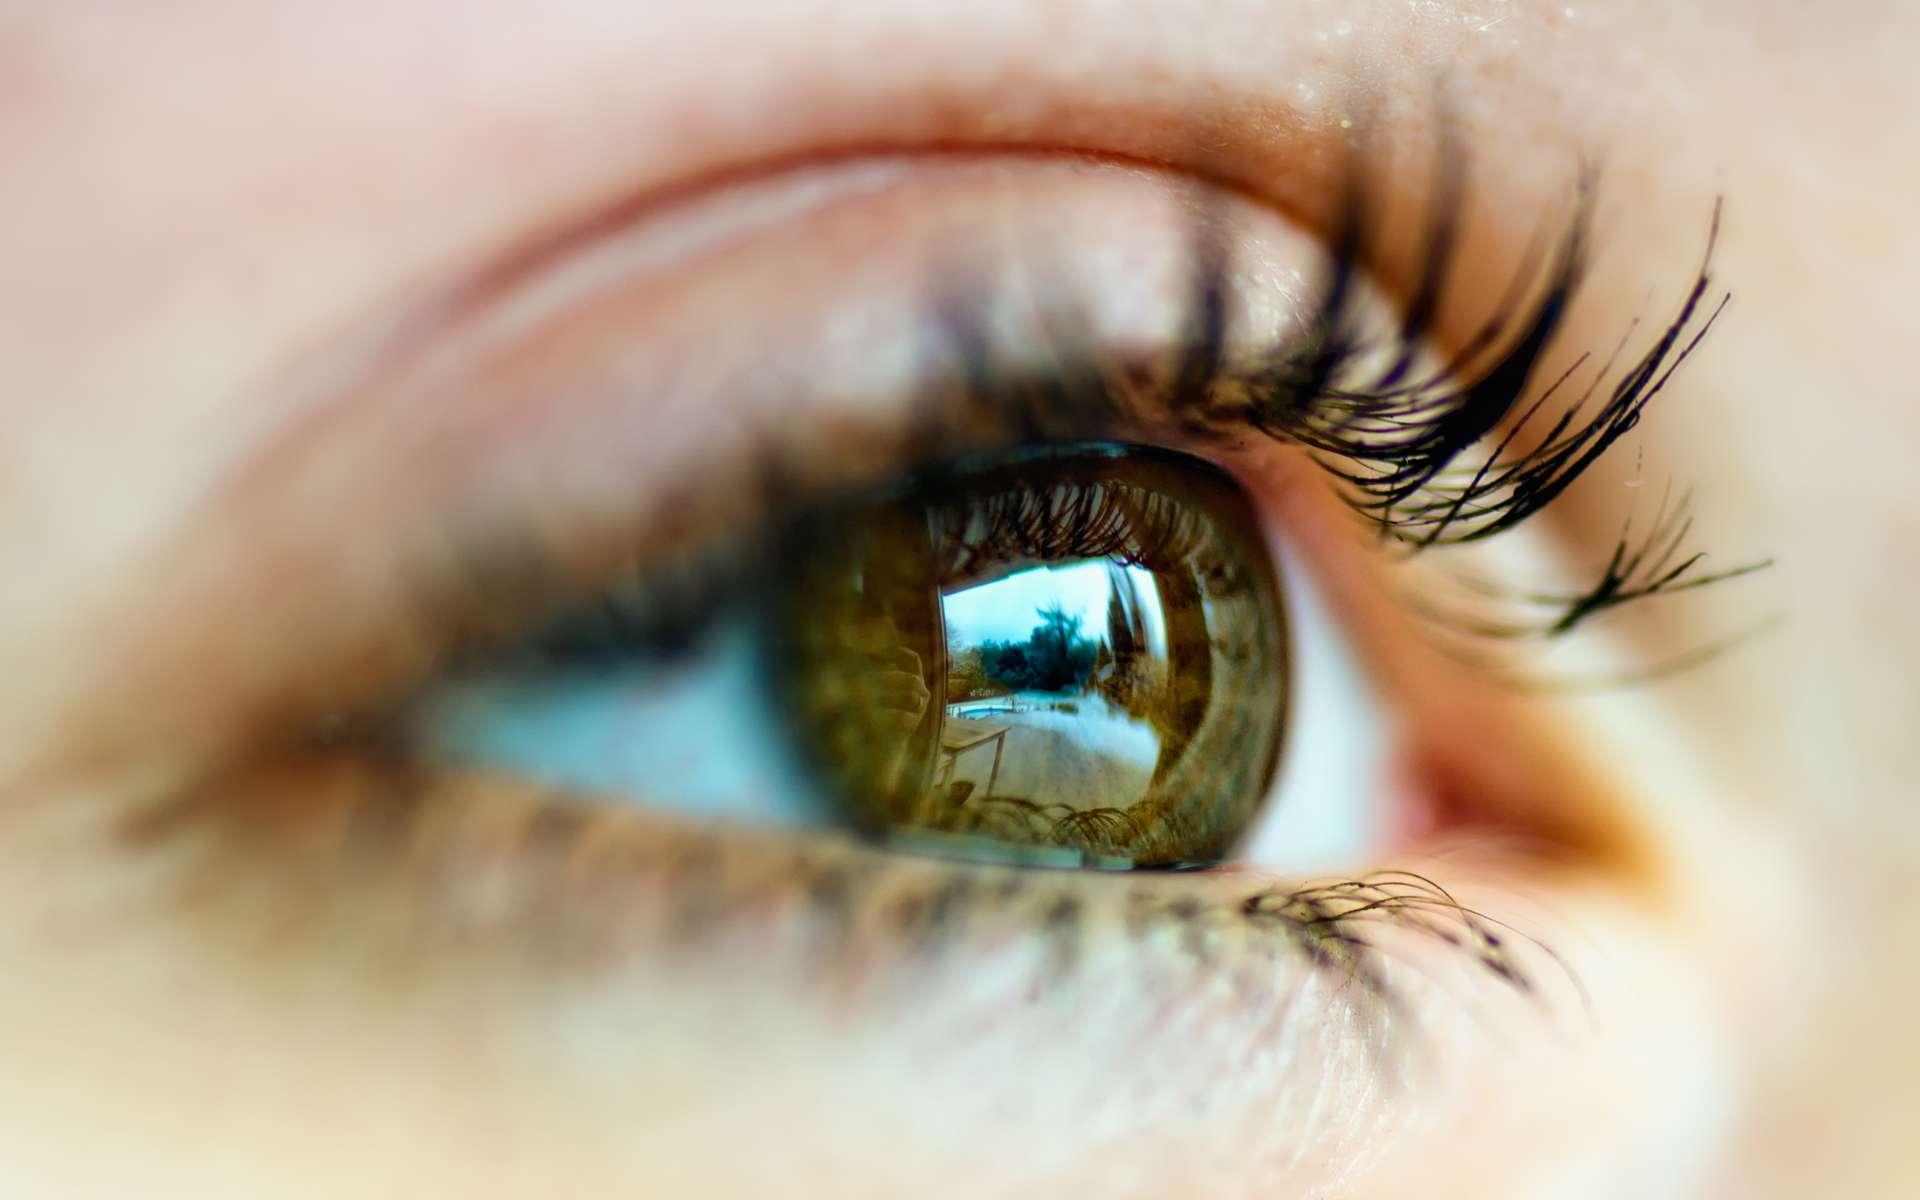 La cataracte touche environ la moitié des plus de 70 ans. © Peter Gorges, Flickr, CC by nc nd 2.0